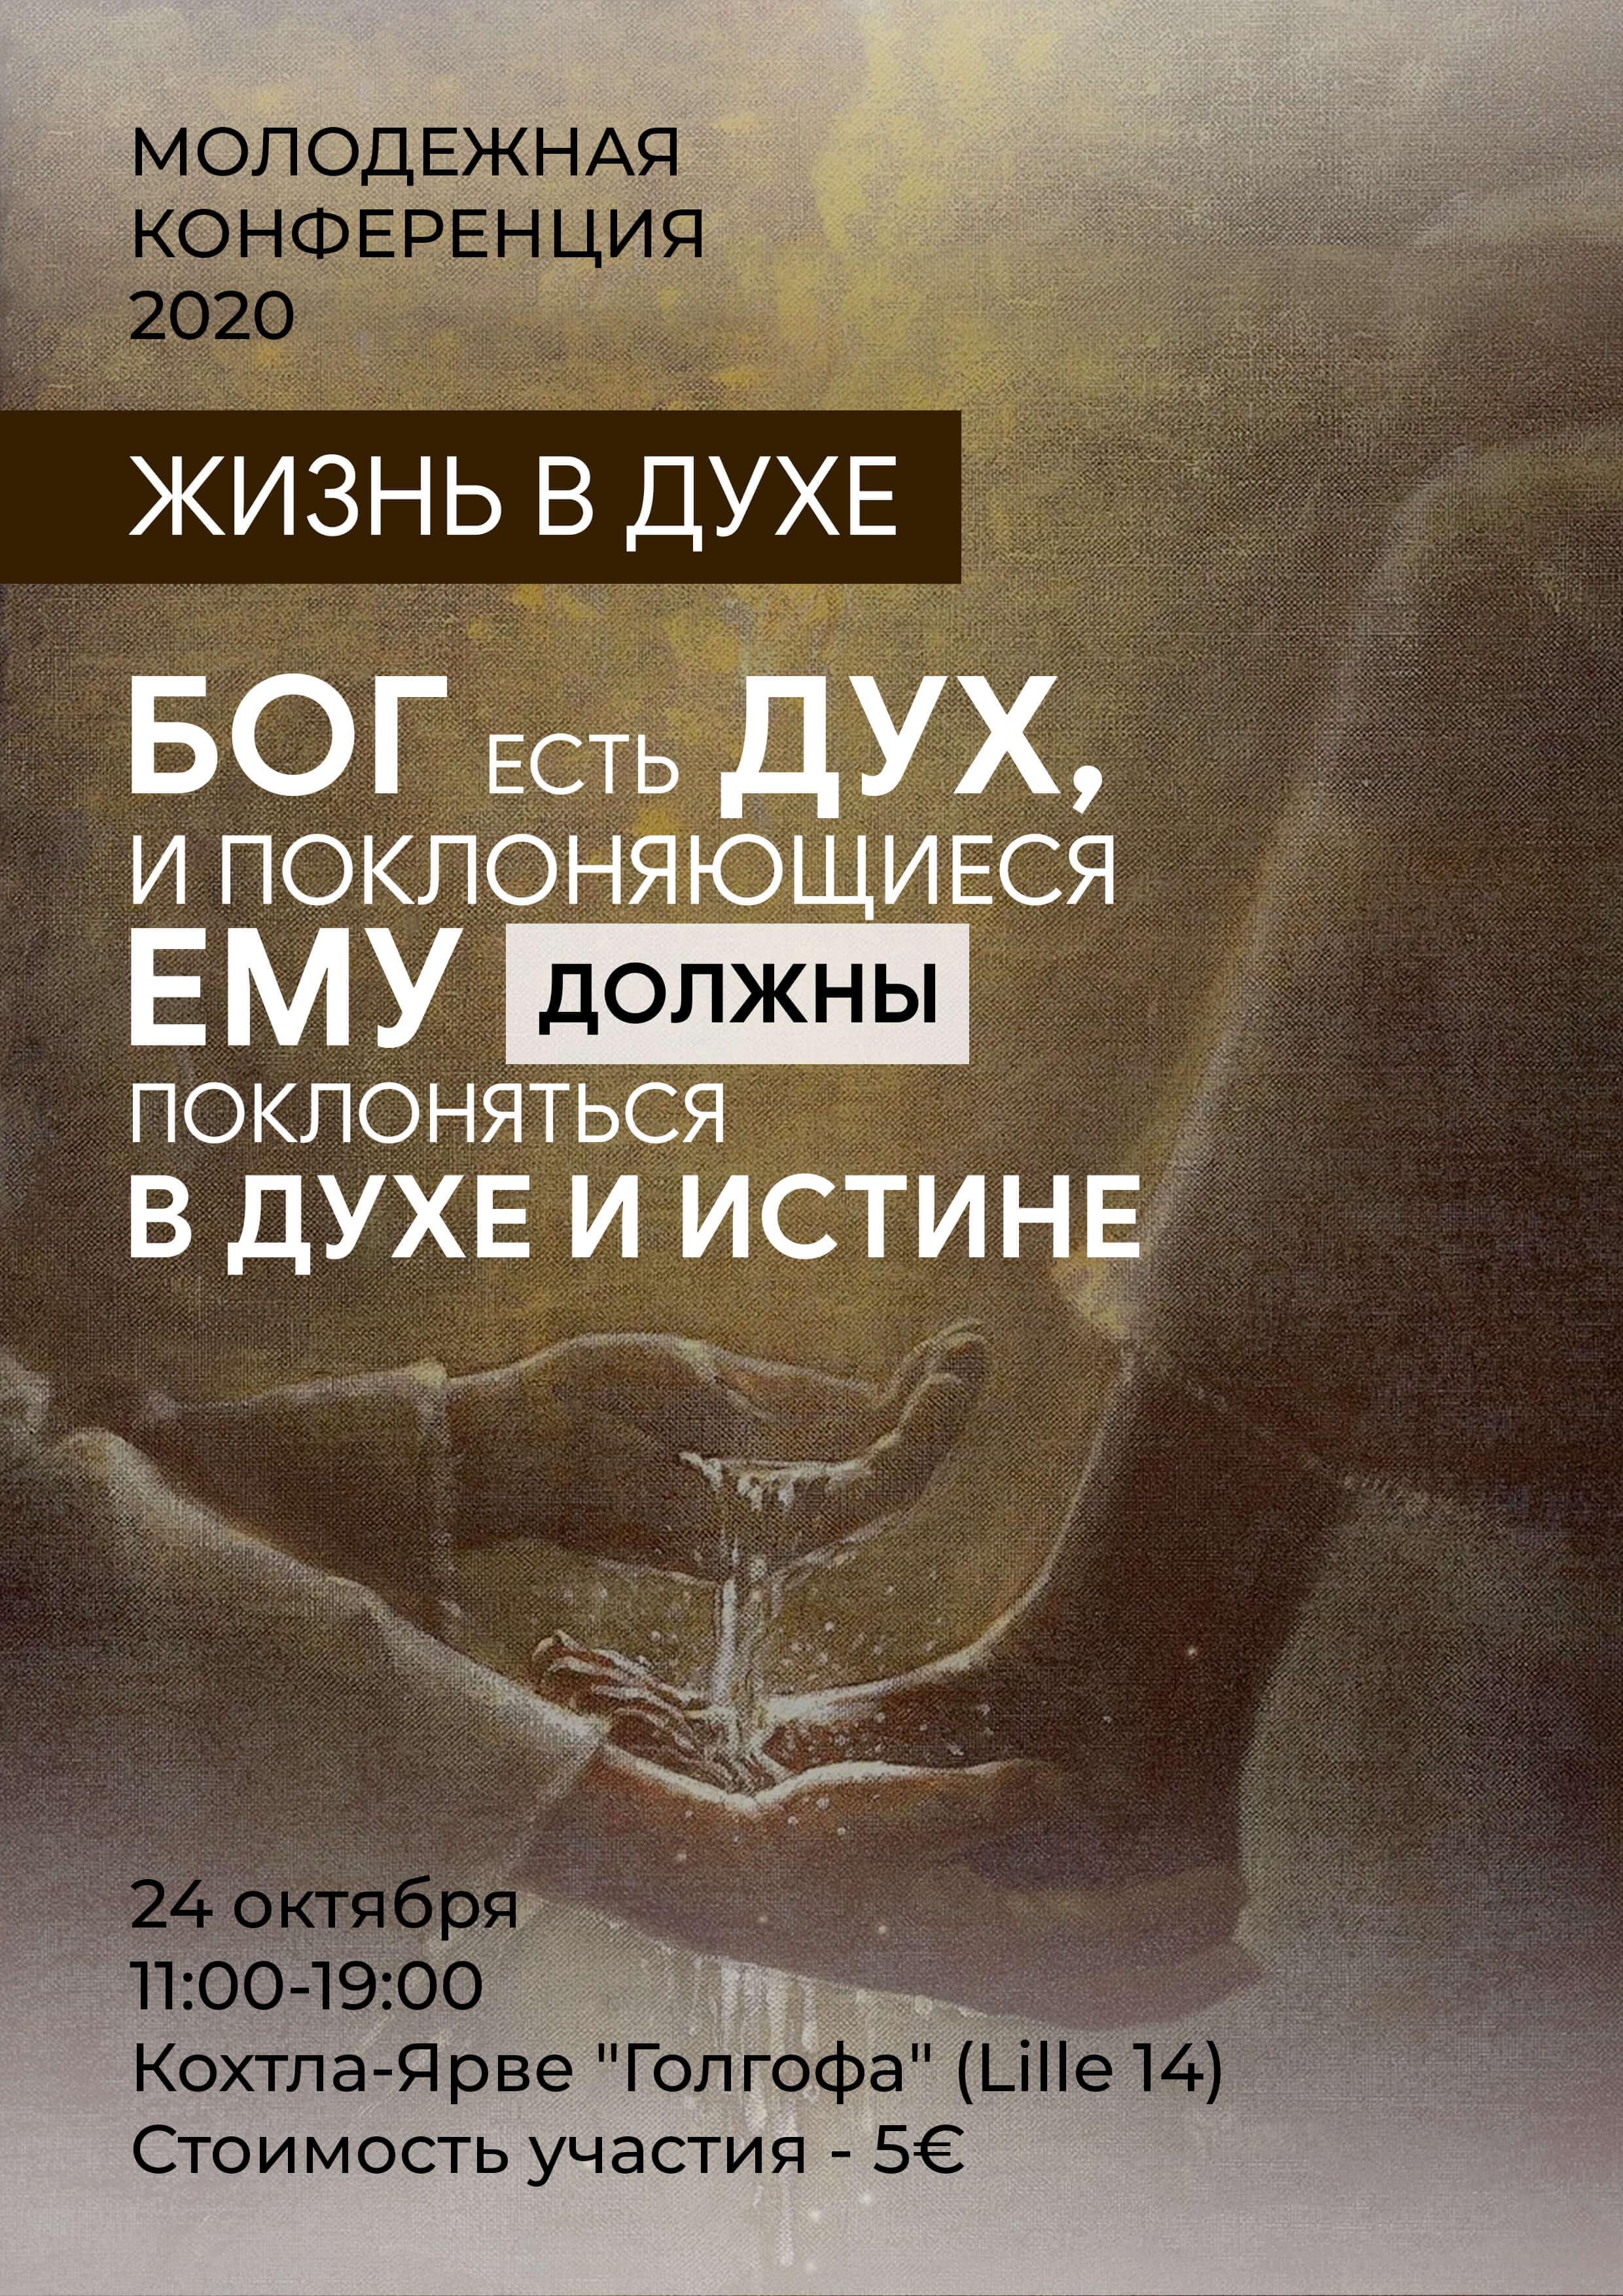 24.10.20-MLKONF